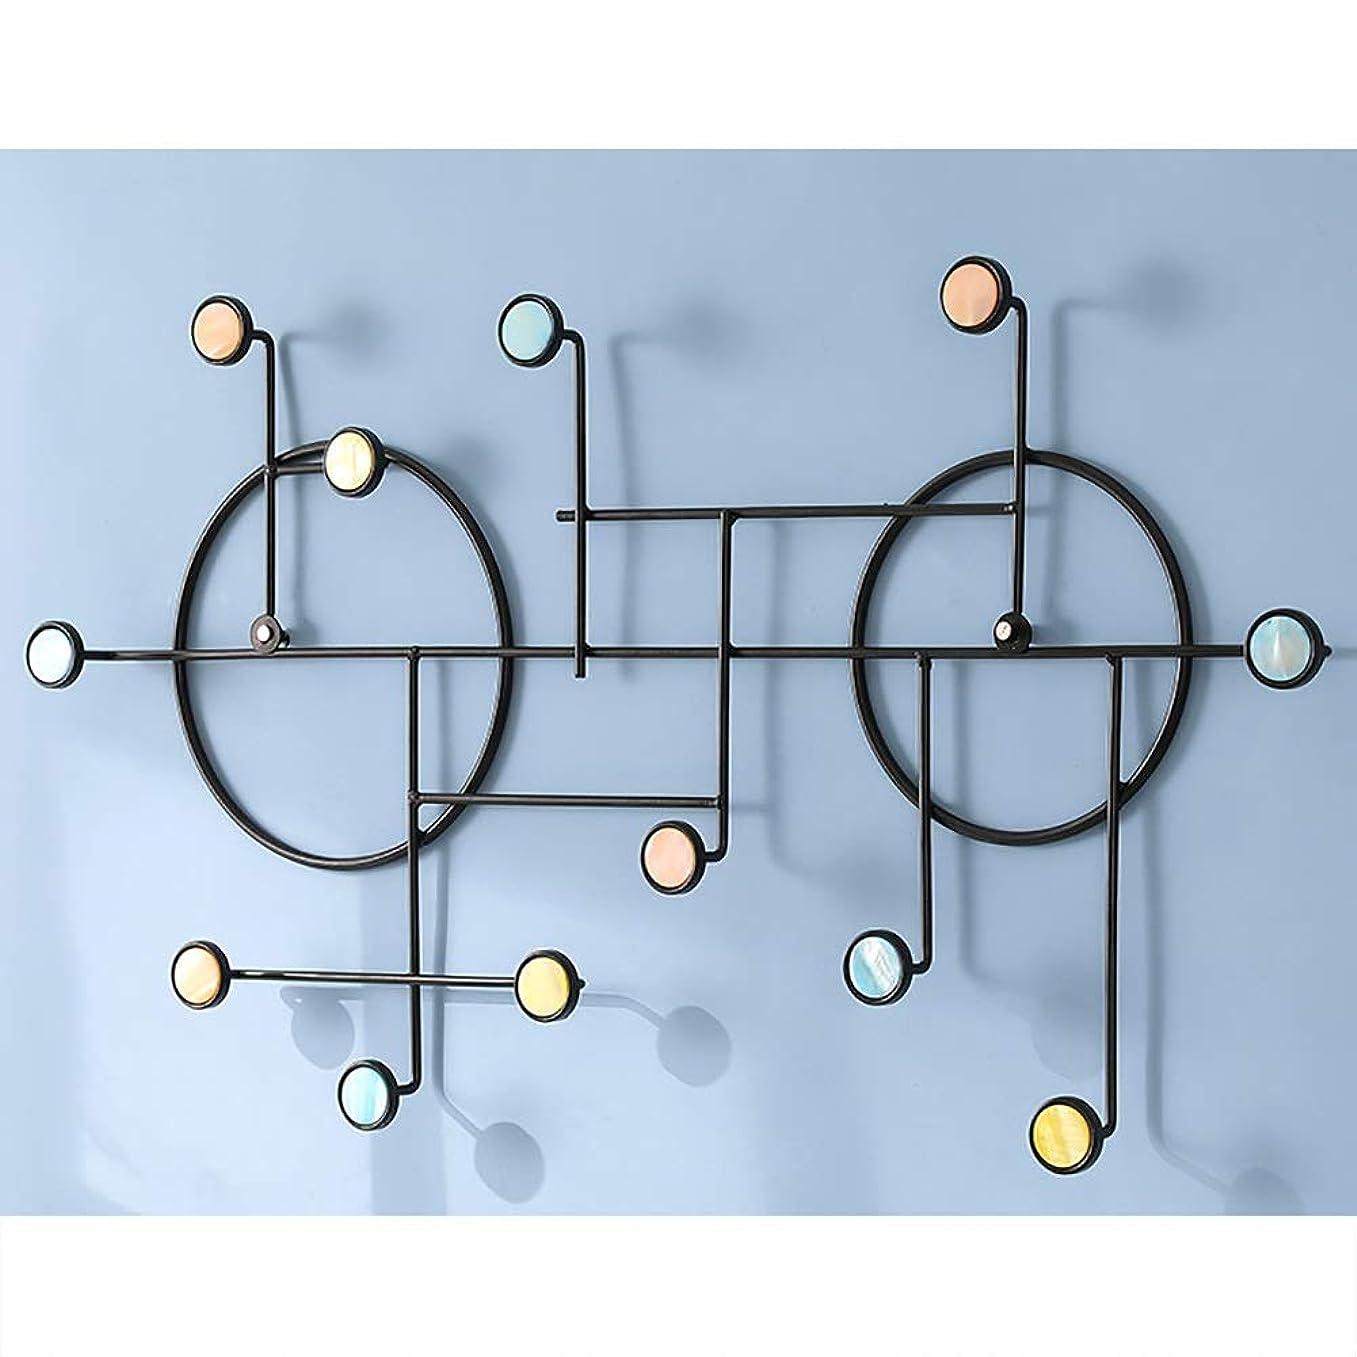 エトナ山思われる収束するハンガーラック コートラック壁掛け壁フックポーチリビングルーム無料パンチ壁浴室ドアフック (Color : Black, Size : L)